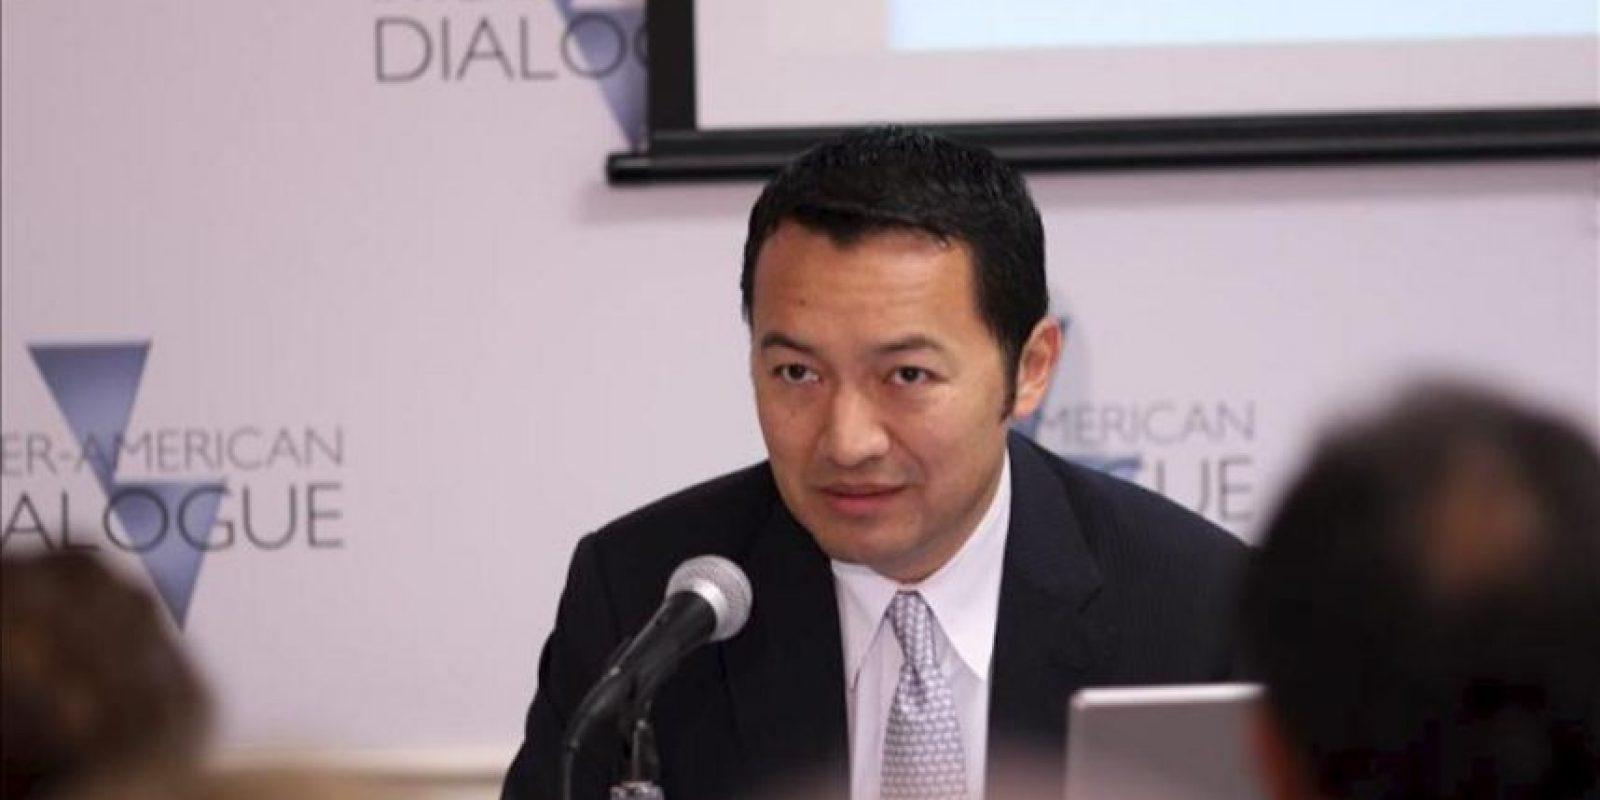 El director gerente de estrategia para América Latina del banco J.P. Morgan, Luis Oganes, participa en el foro Diálogo interamericano en Washington (DC, EE.UU.). EFE